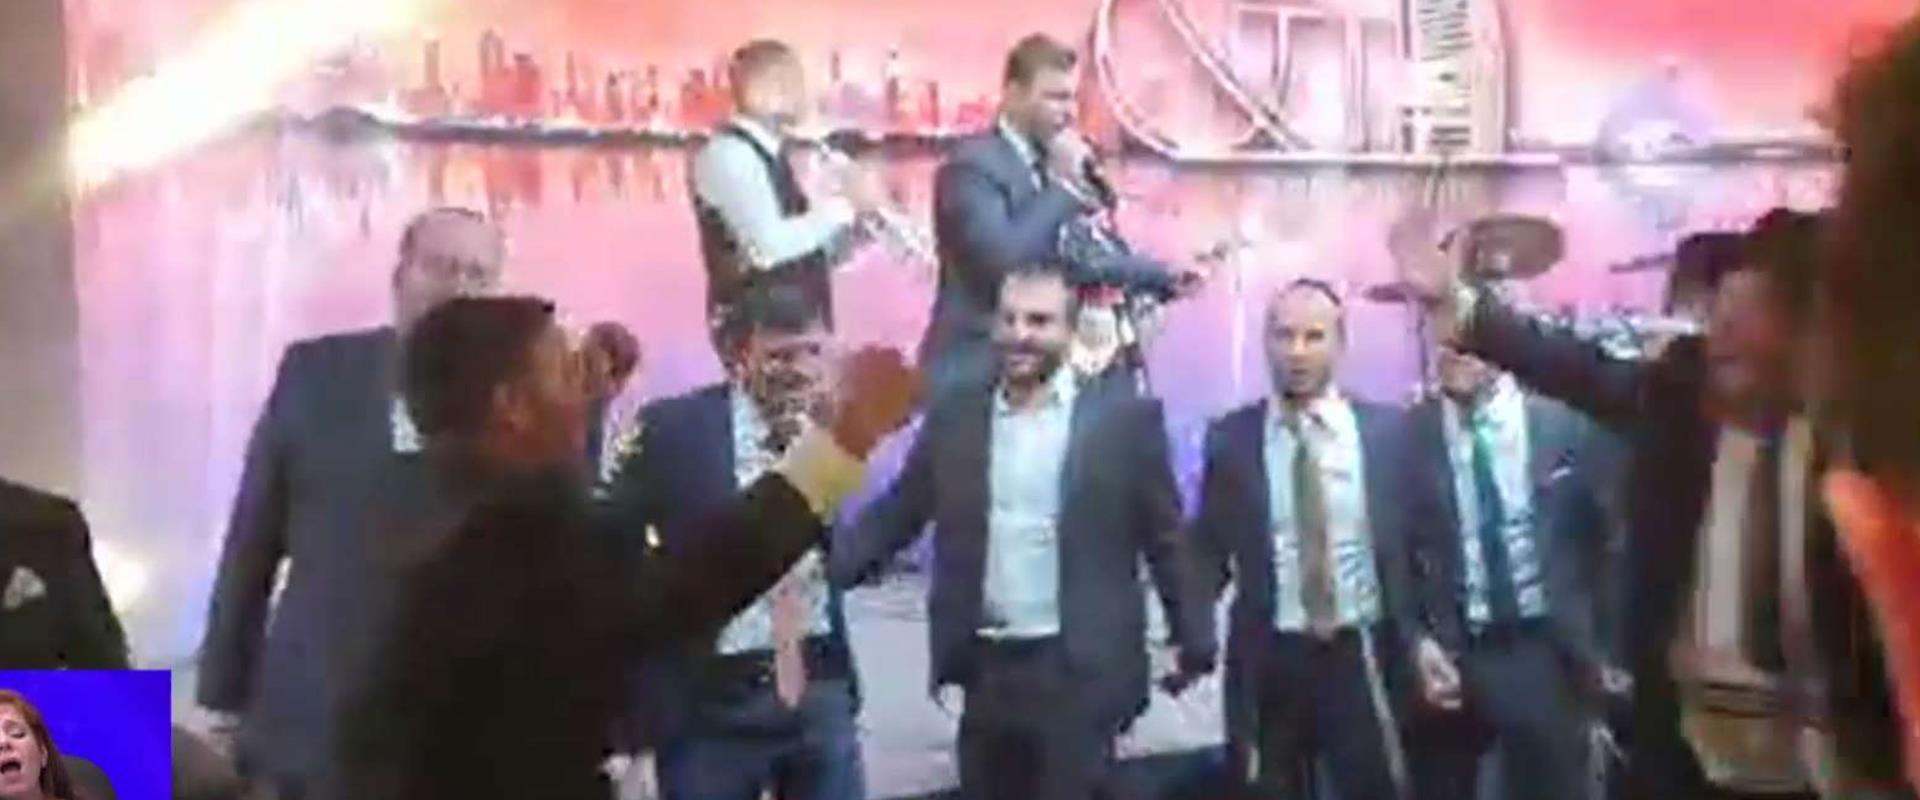 שוברים את הכוס בדובאי: הישראלים שטסים לאמירויות כד